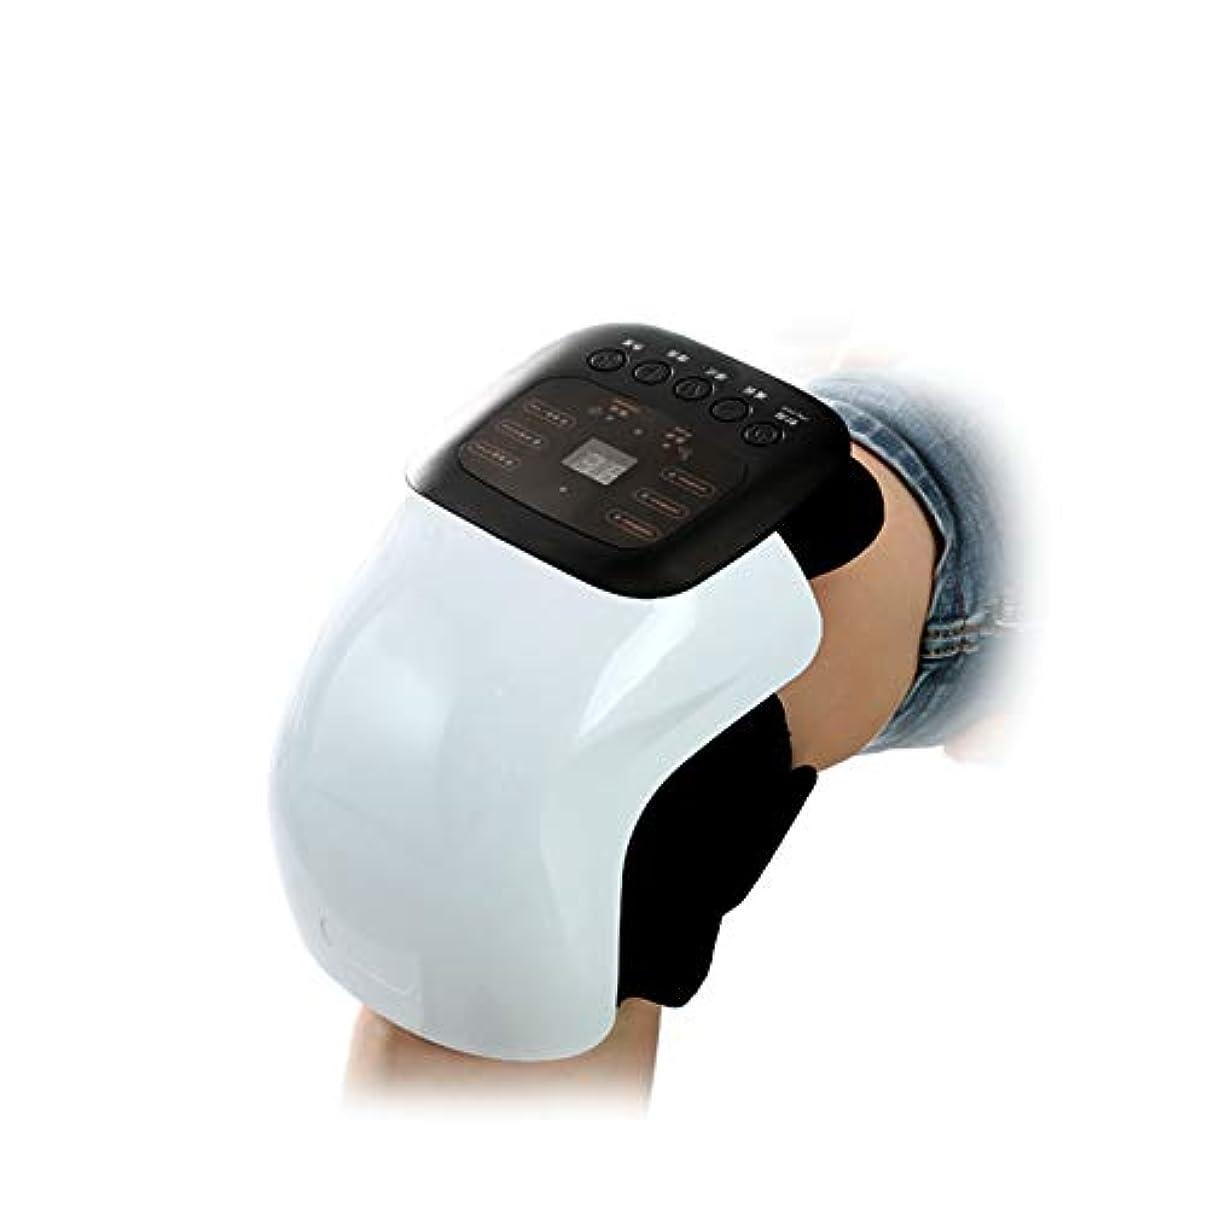 配偶者こねる表向き変形性関節症リウマチ関節炎、電気痛緩和ケア用品のためのパルス、振動、加熱を伴うスマートニー理学療法マッサージ器